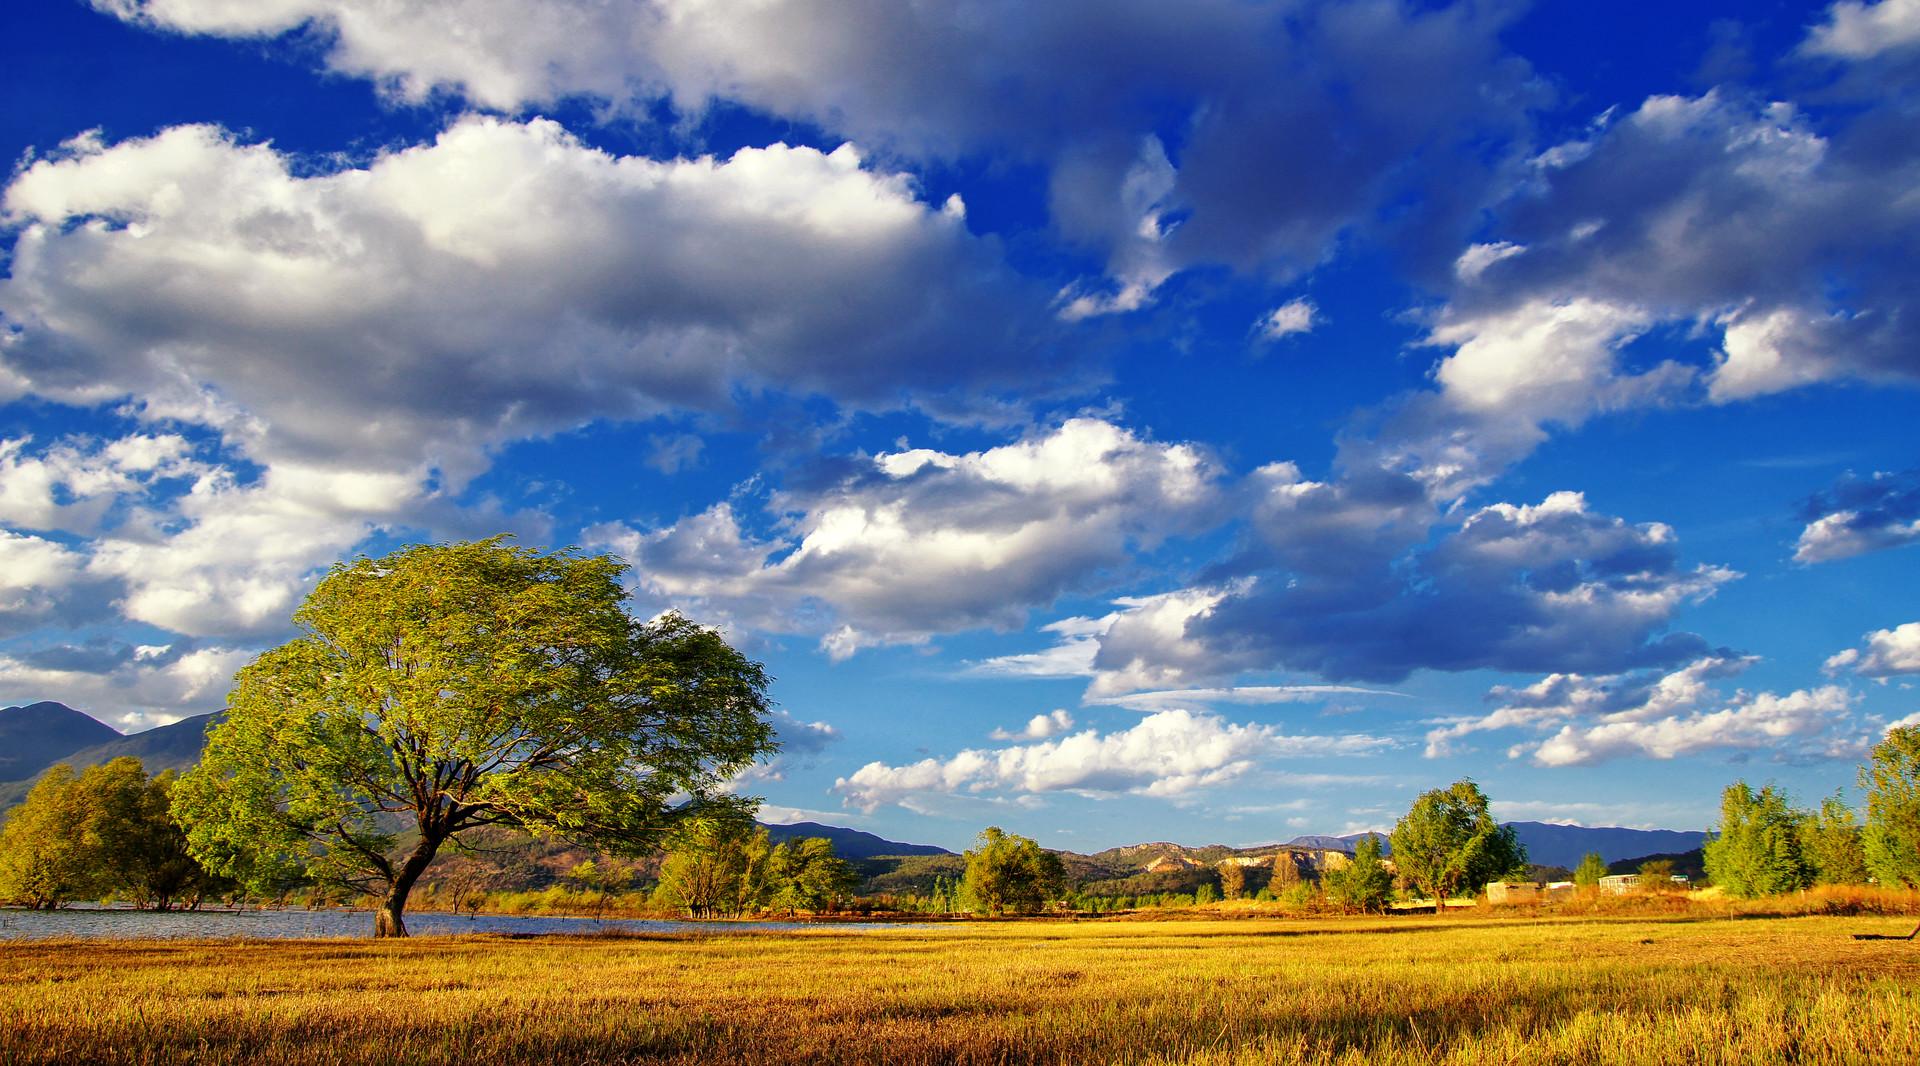 【国庆纯玩LV】<玉龙雪山、虎跳峡、香格里拉普达措国家森林公园噶丹、路南大石林双飞6天(丽进昆出)>